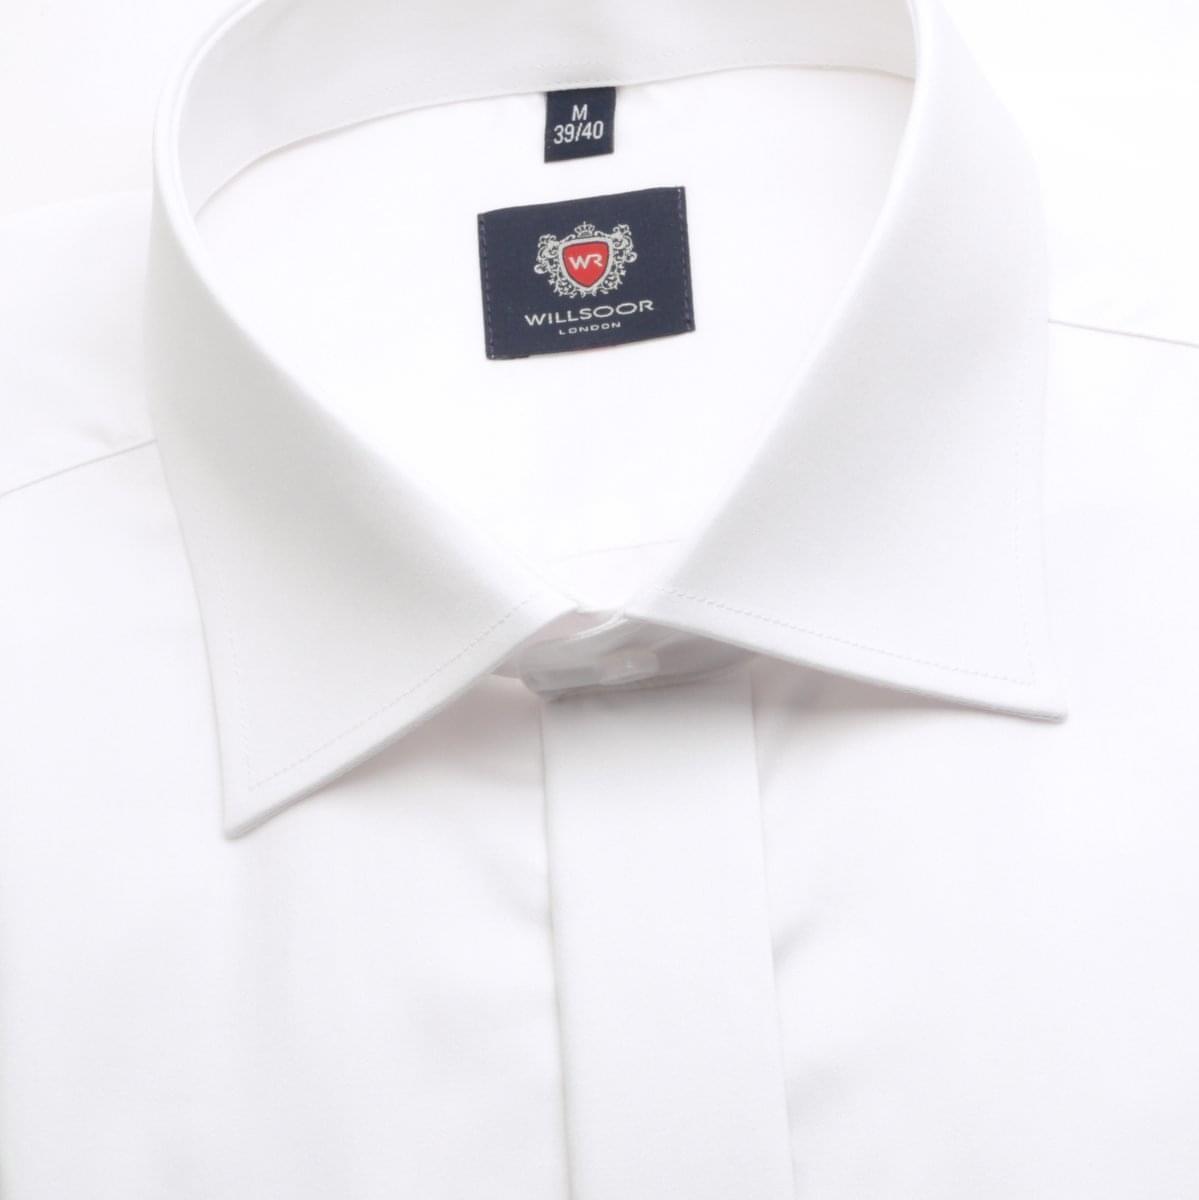 Pánská košile WR London v bílé barvě (výška 176-182) 5260 176-182 / S (37/38)